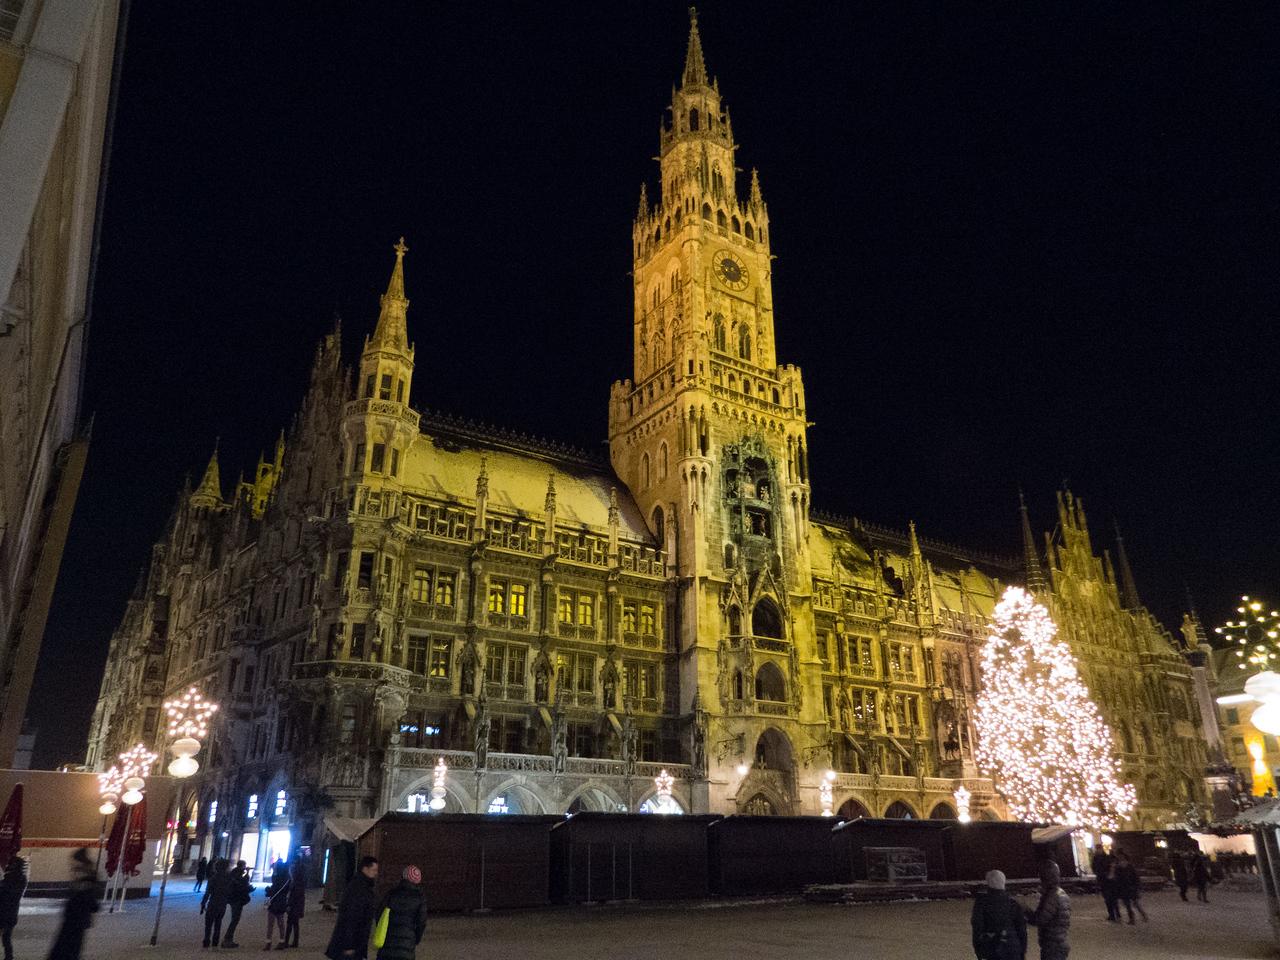 Neues Rathaus at night